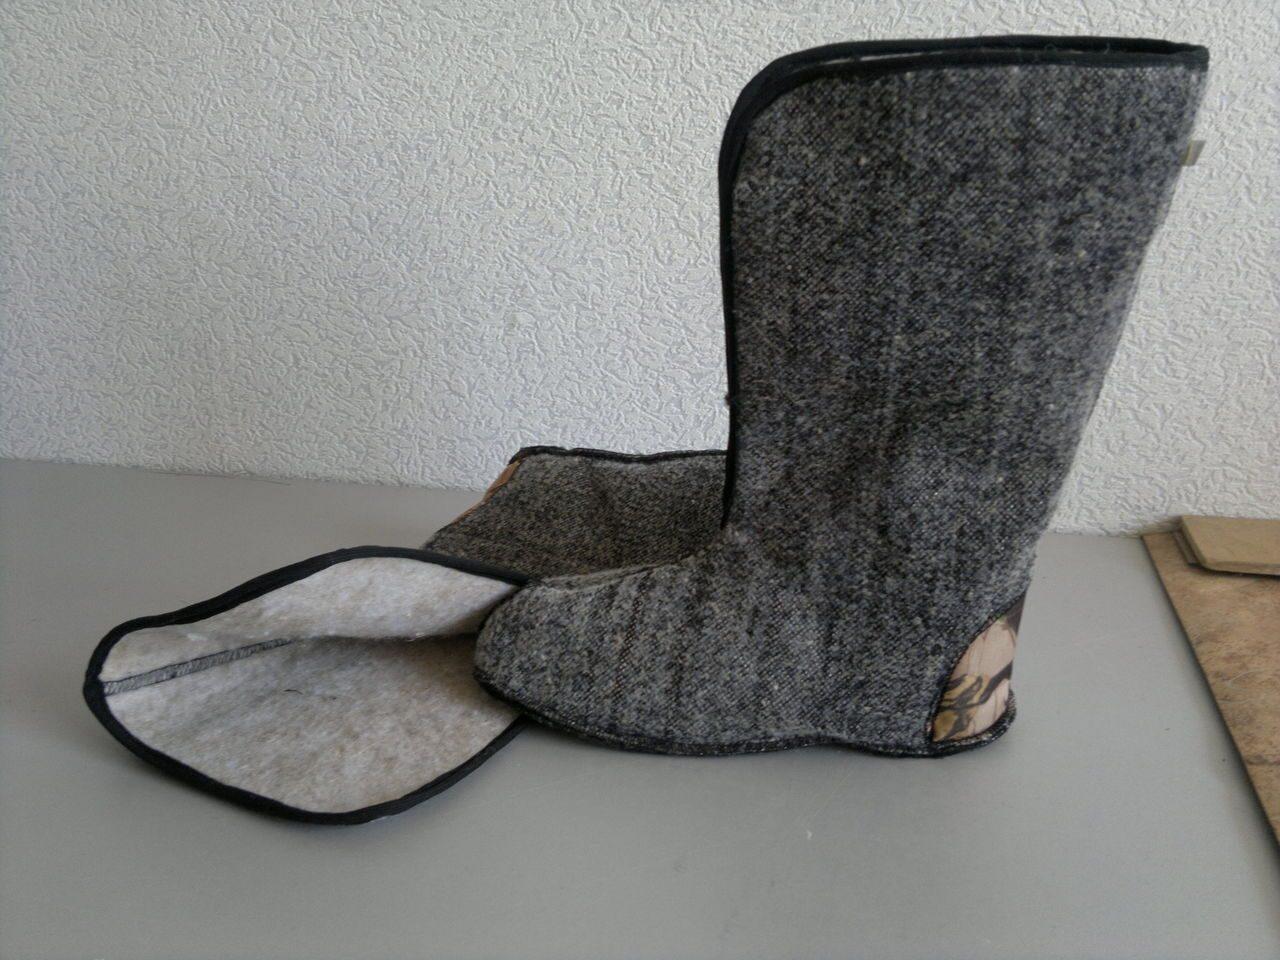 Шьем носочки и чулки из трикотажа - Клуб Сезон 7